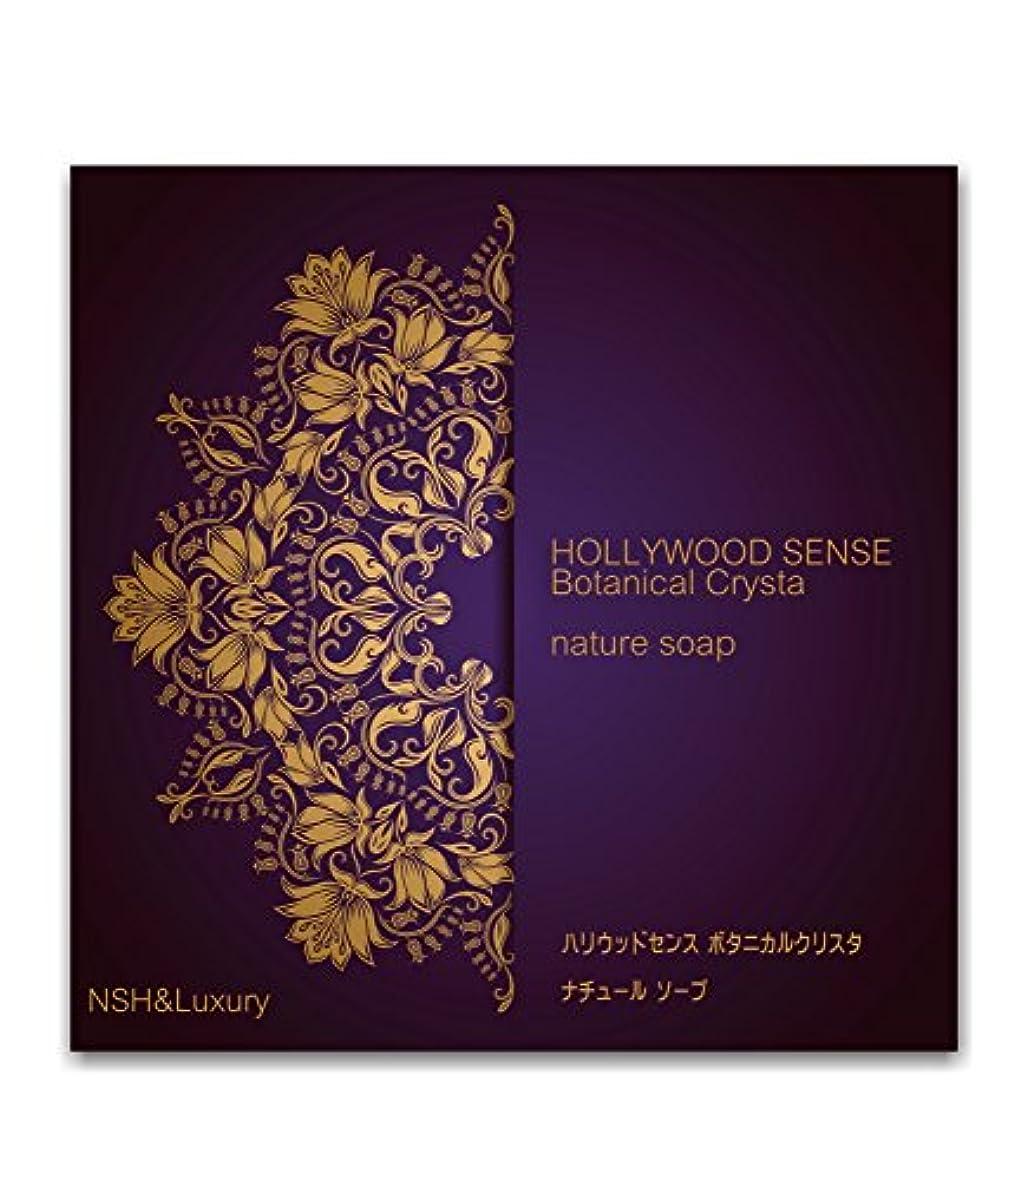 脈拍一節エクスタシー「ナッシュ&ラグジュアリー」 ハリウッドセンス ボタニカルクリスタ アイムソープ (わくねり化粧石けん 80g)